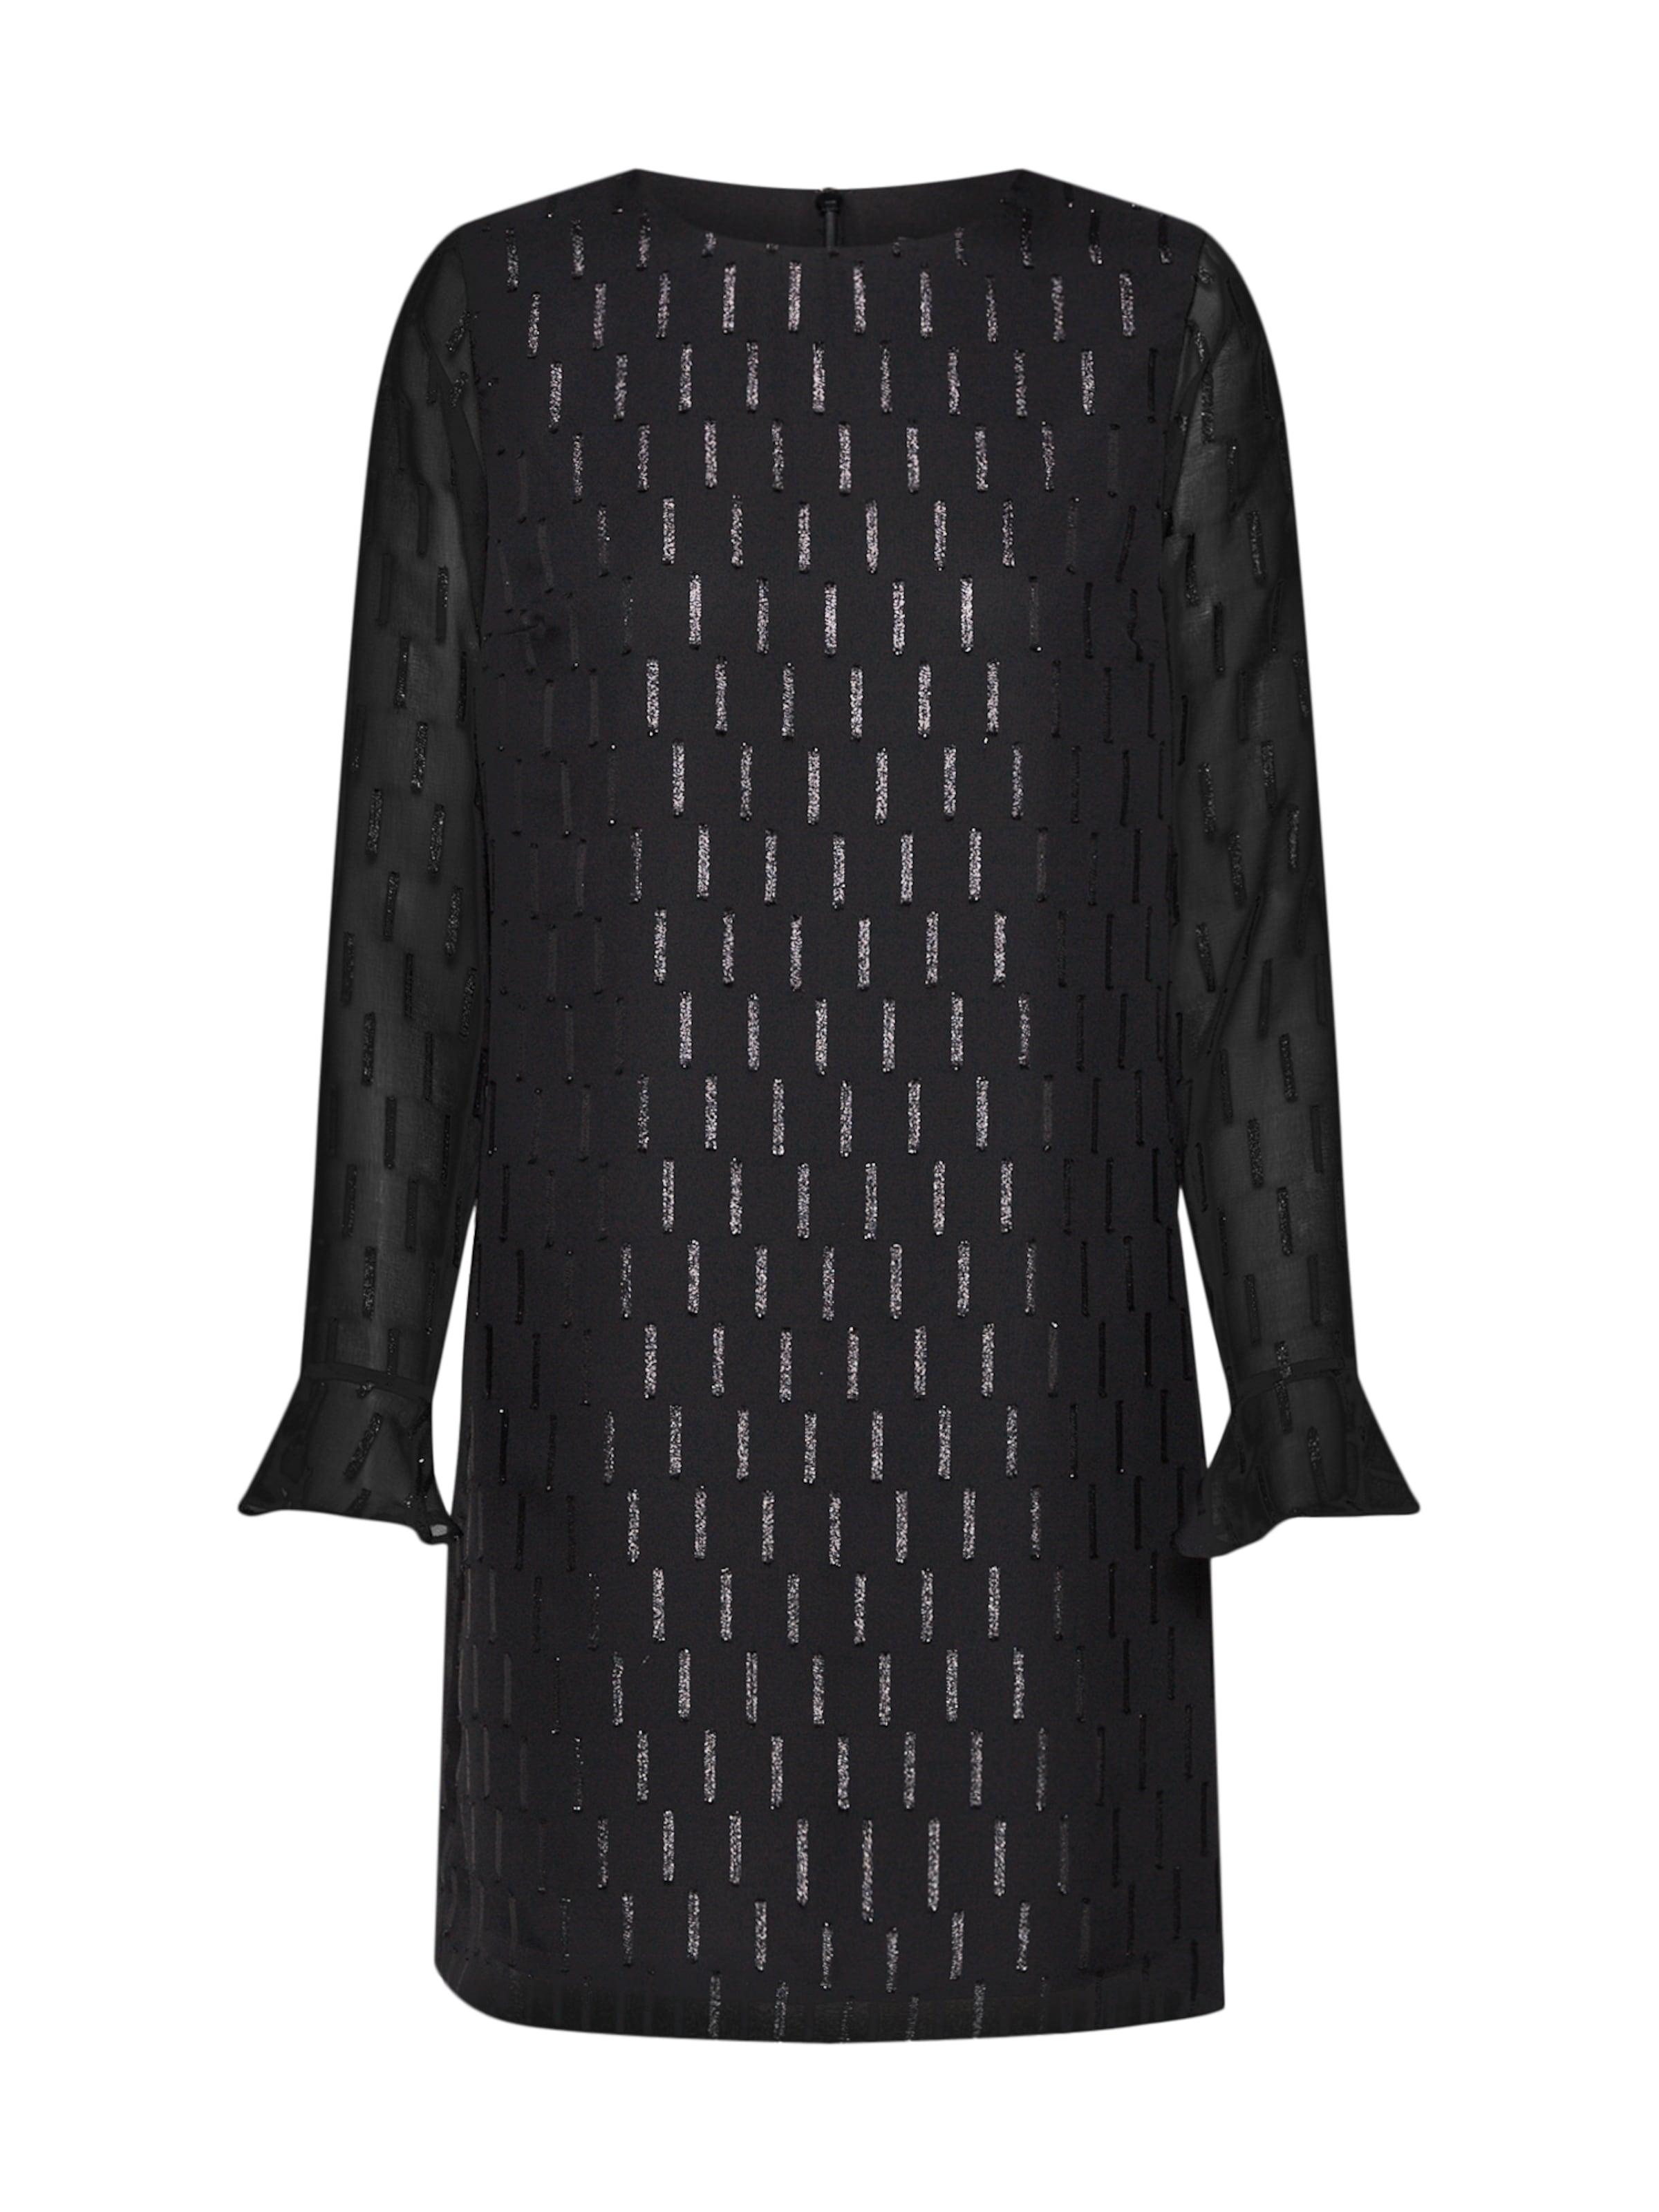 Cuff 'ls Noir Banana Republic Shine En Ruffle Fabric' Robe Shift 4AjqRc5L3